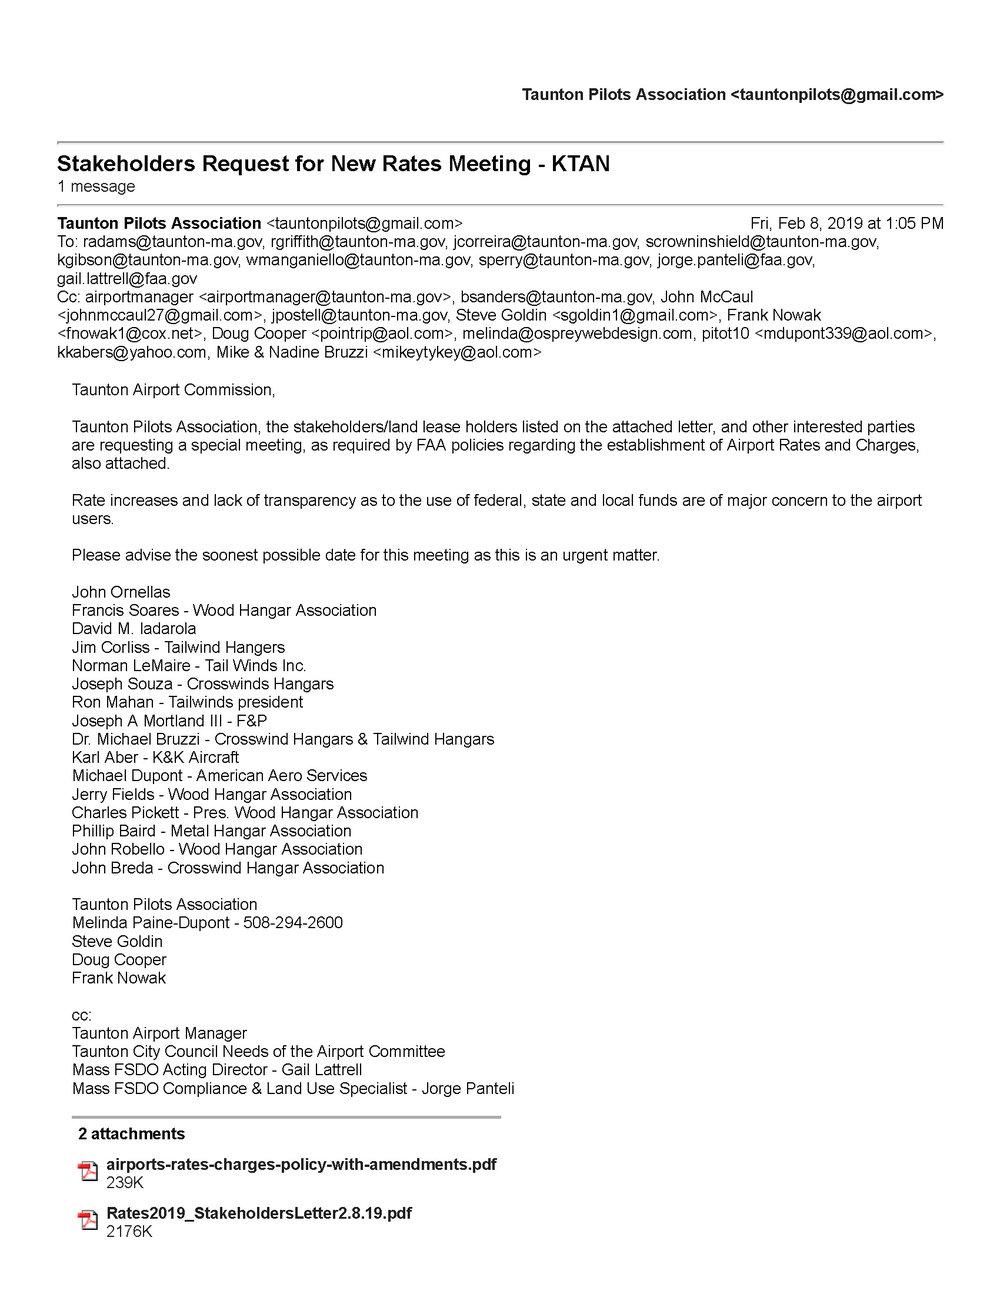 Emailto_TAC_Rates2019_StakeholdersLetter2.8.19.jpg